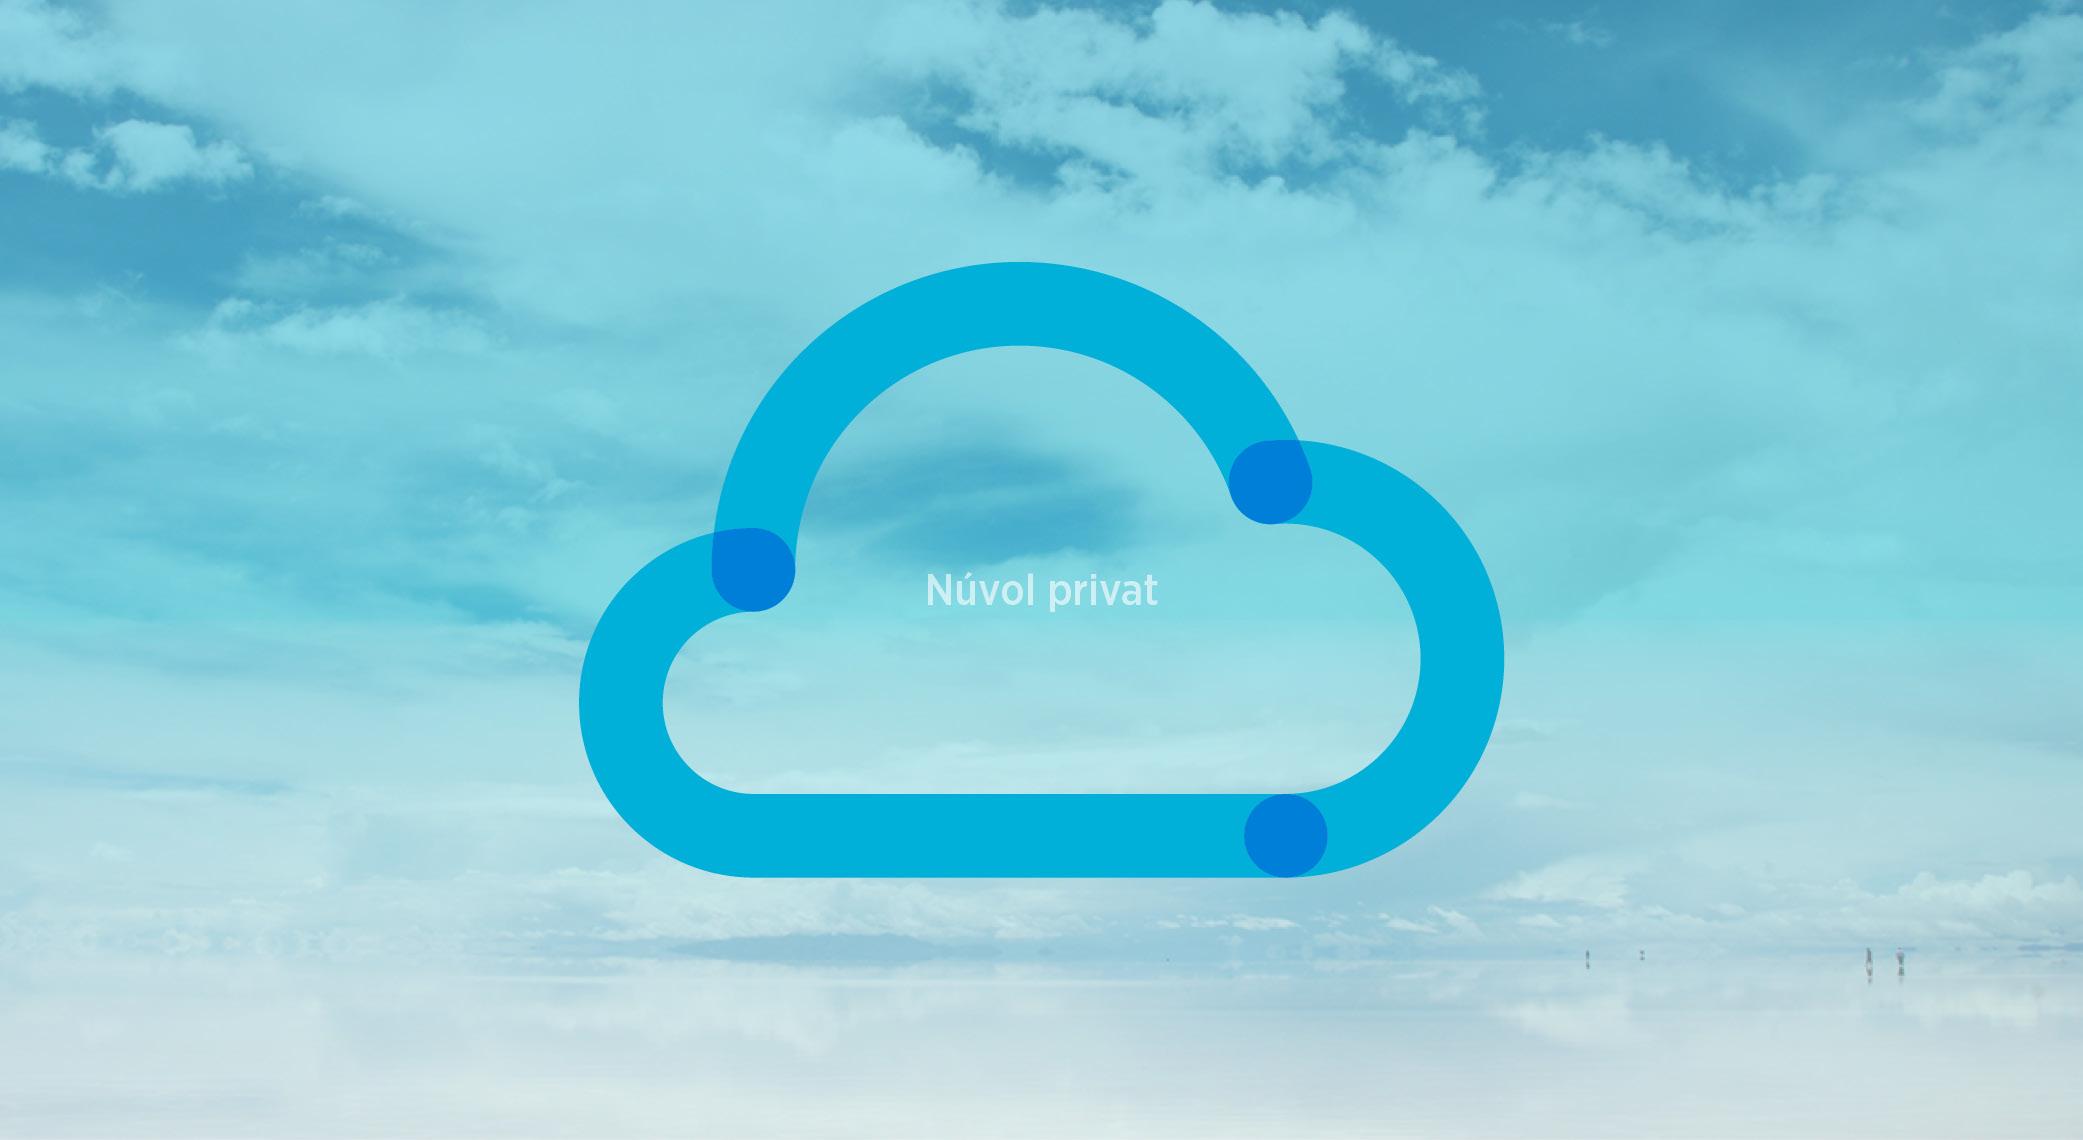 Tipus de núvol-Núvol privat